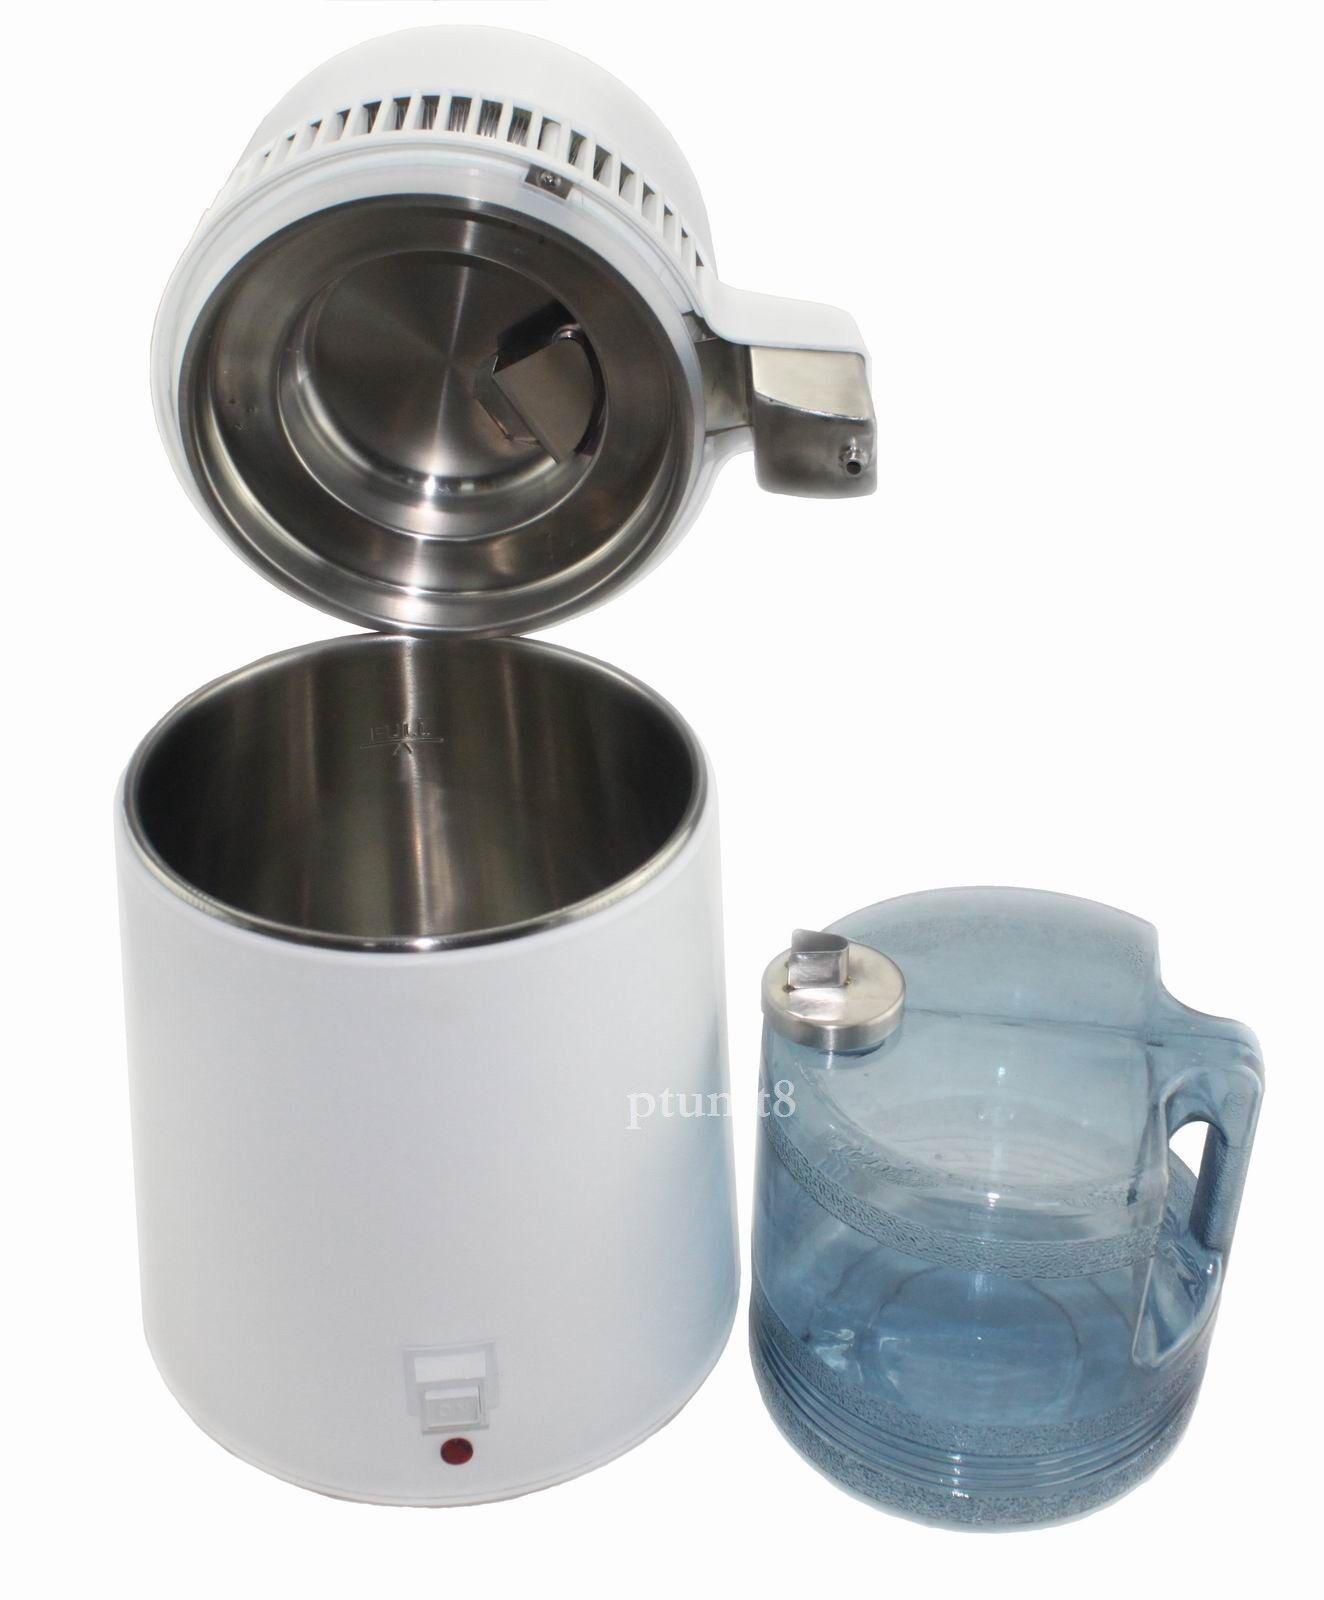 Nouveau 4 L Water Distiller Pure Purificateur Filtre en acier inoxydable Filtre bouchon Best - 007